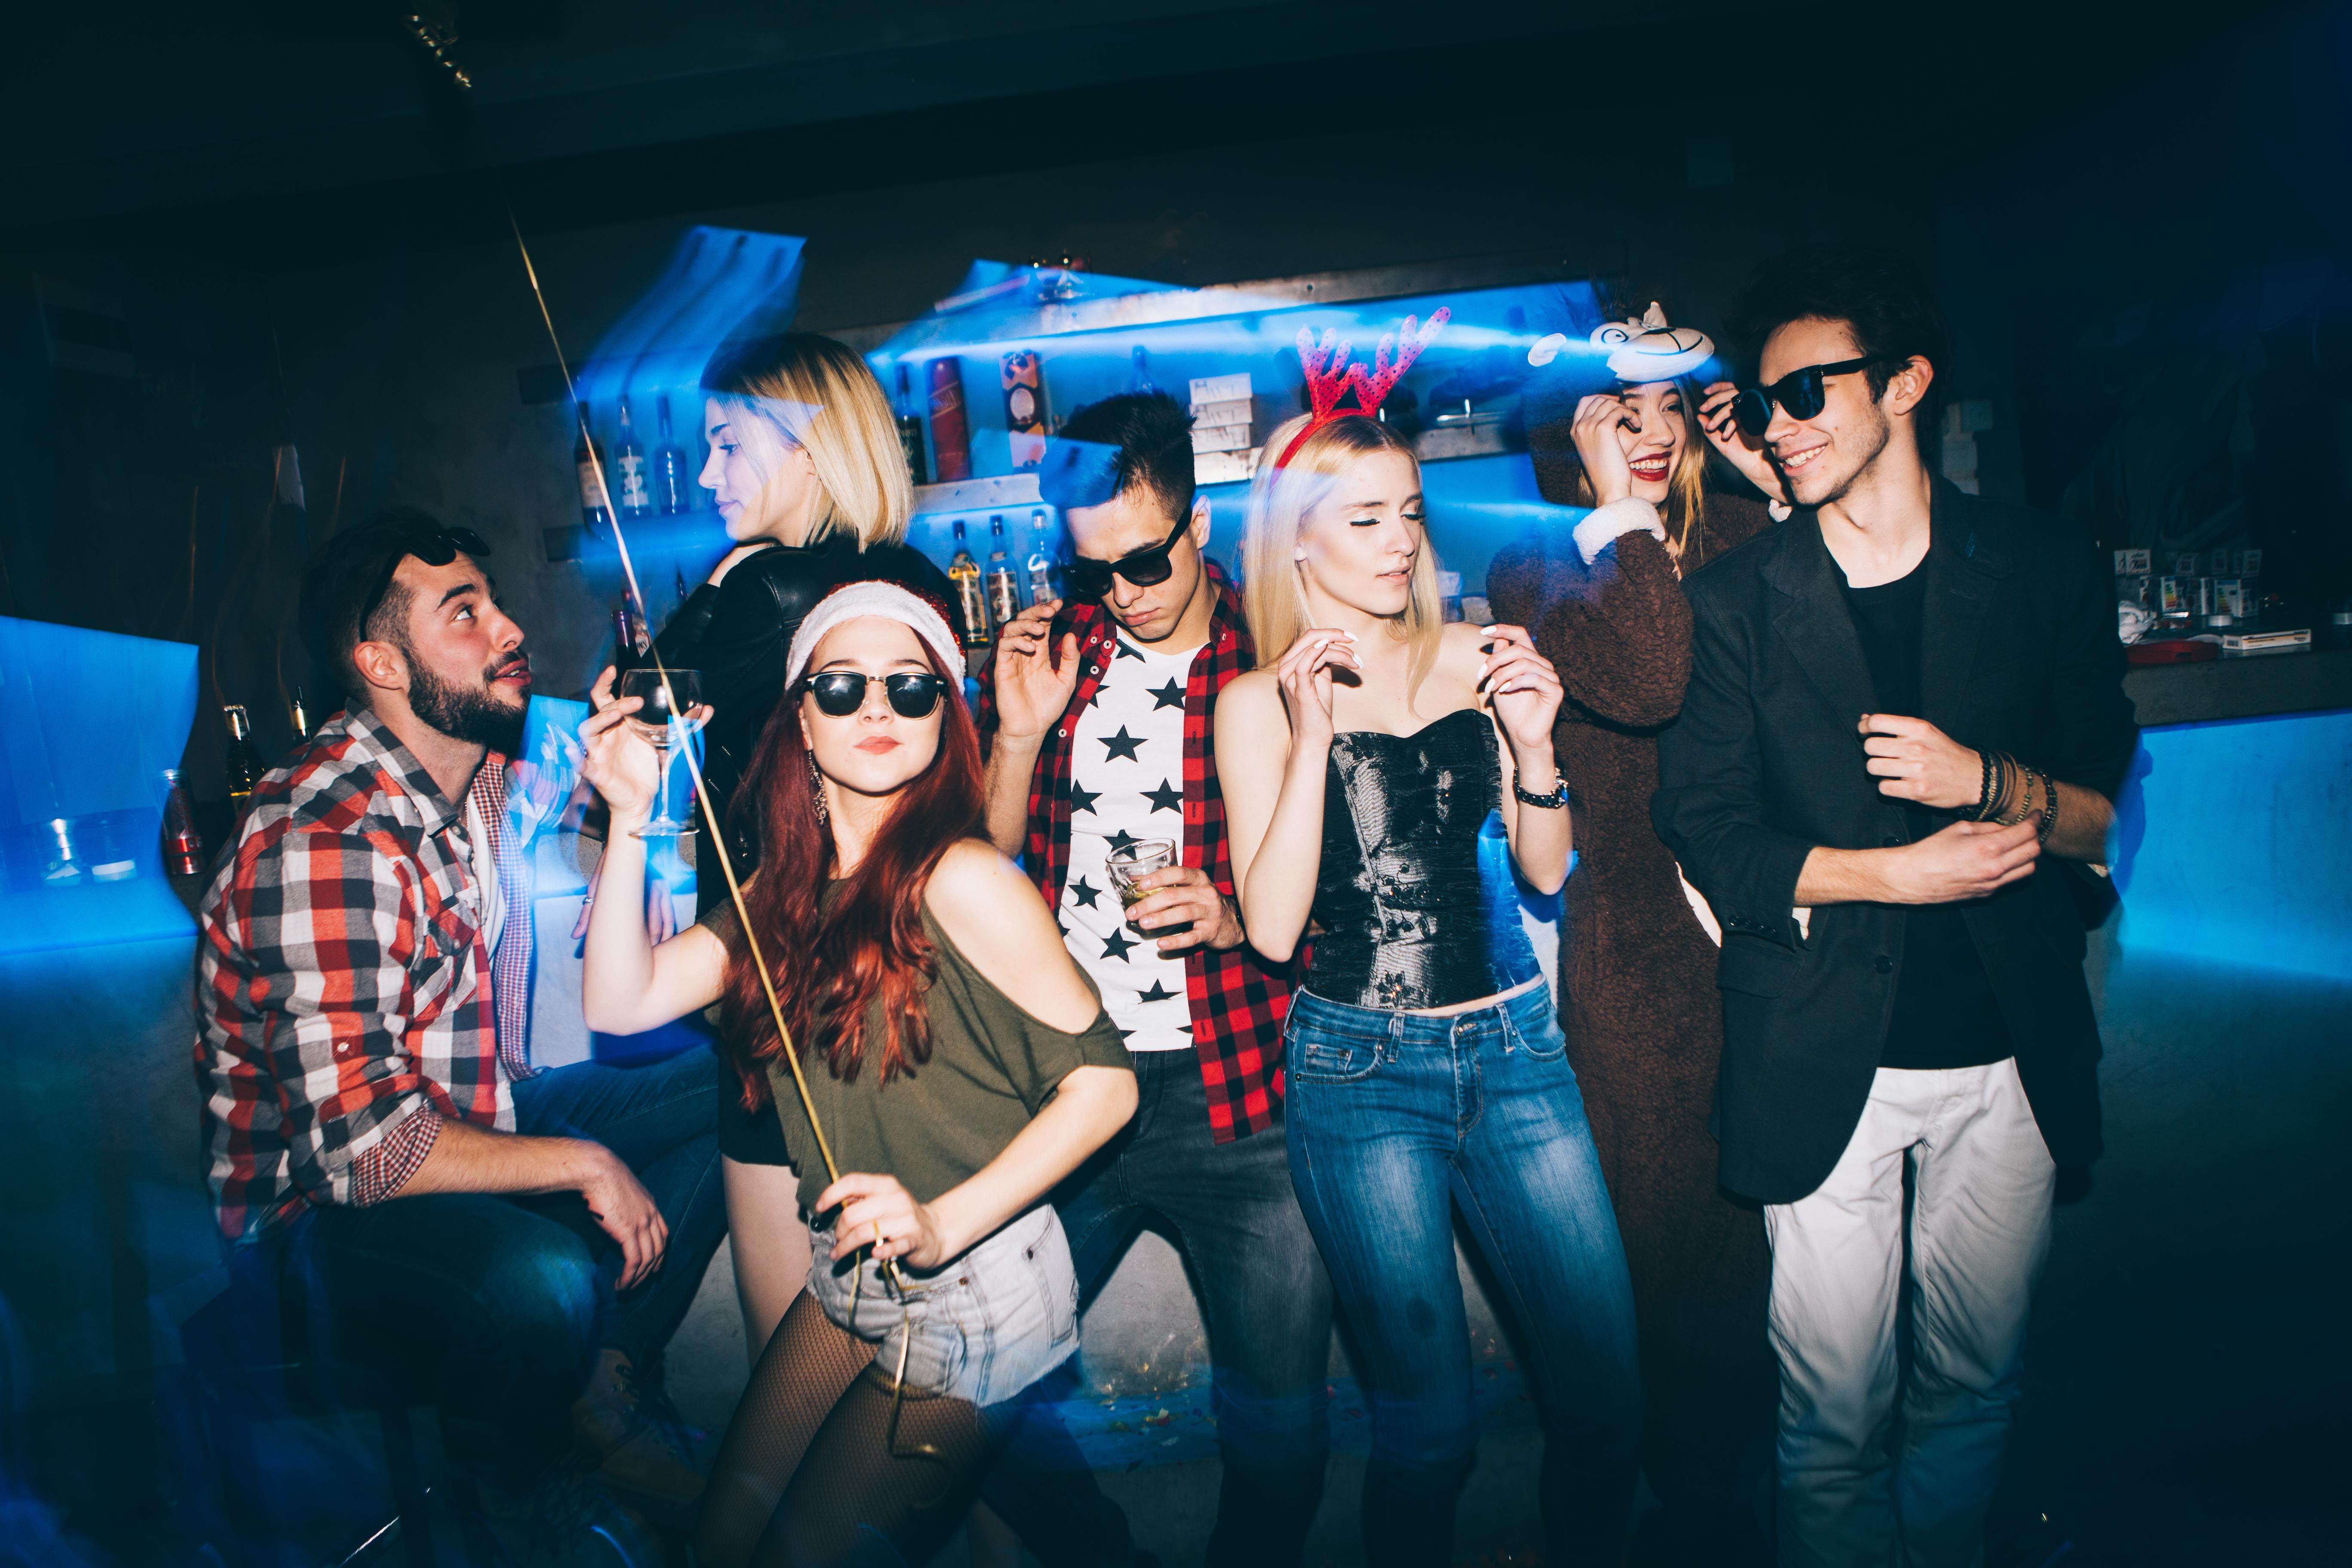 Fotografía de fiestas | Congelado con flash